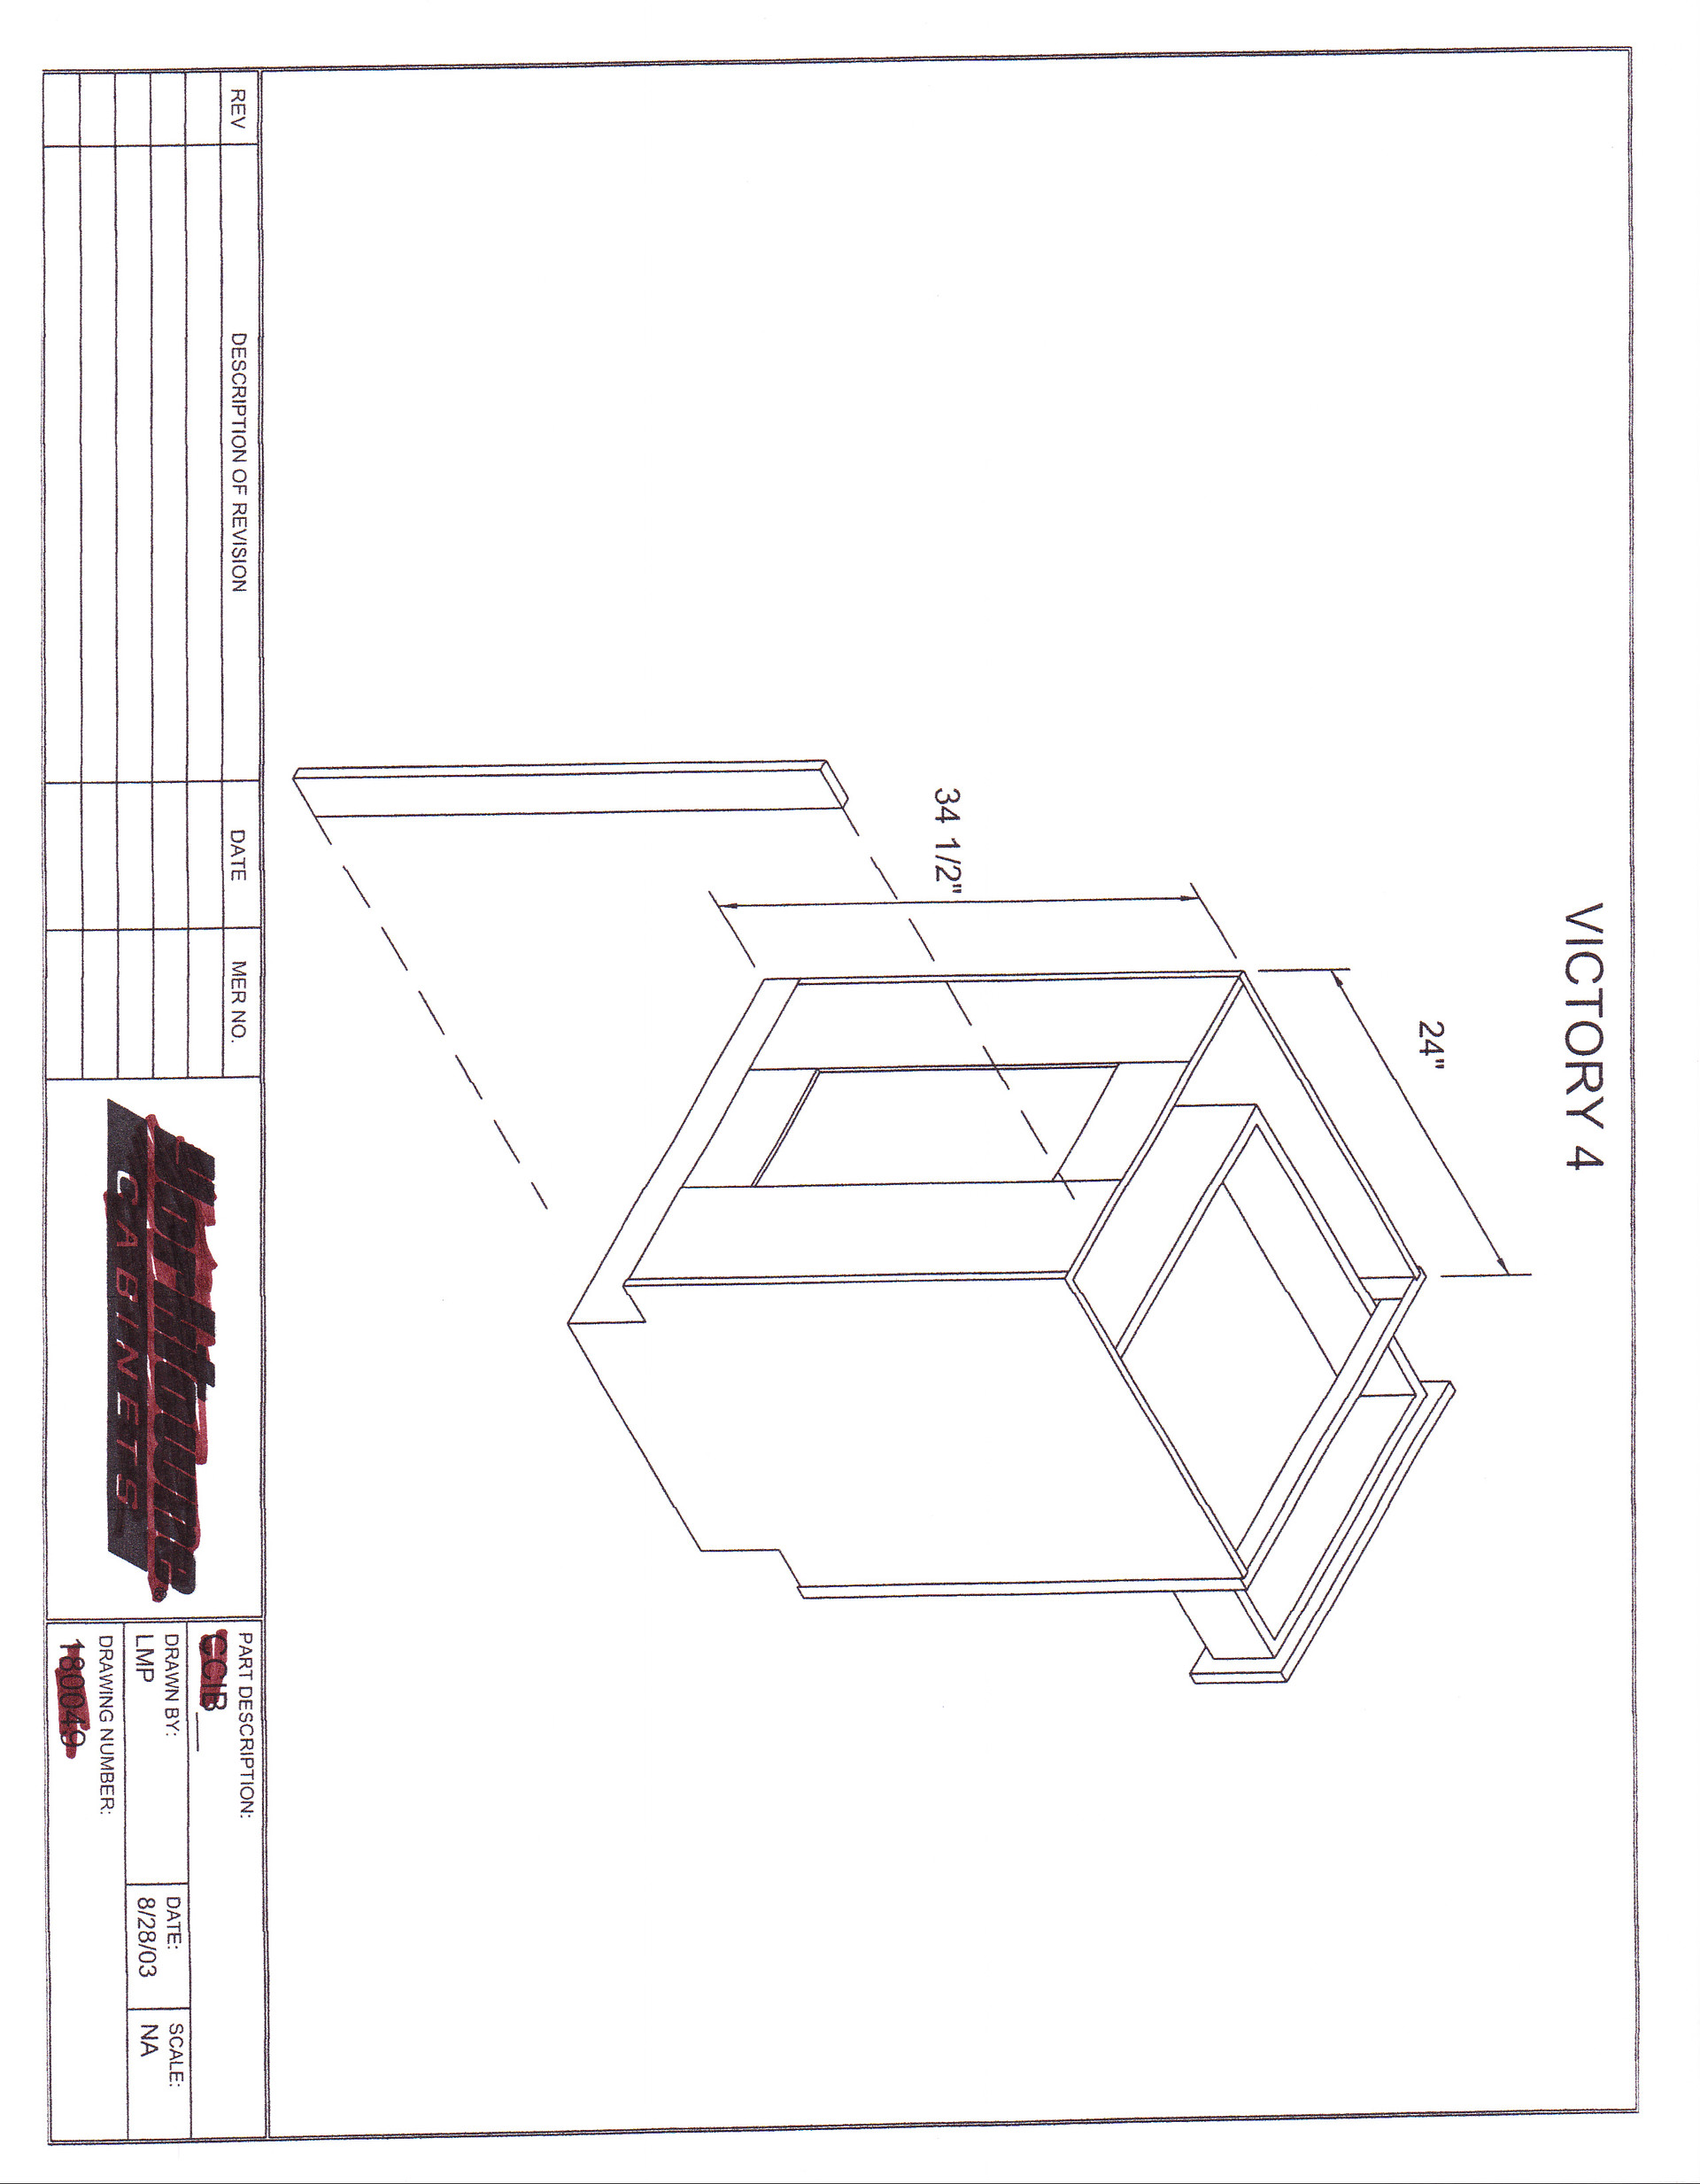 ArtStation - Cad Drafting Samples, Lee Peasley